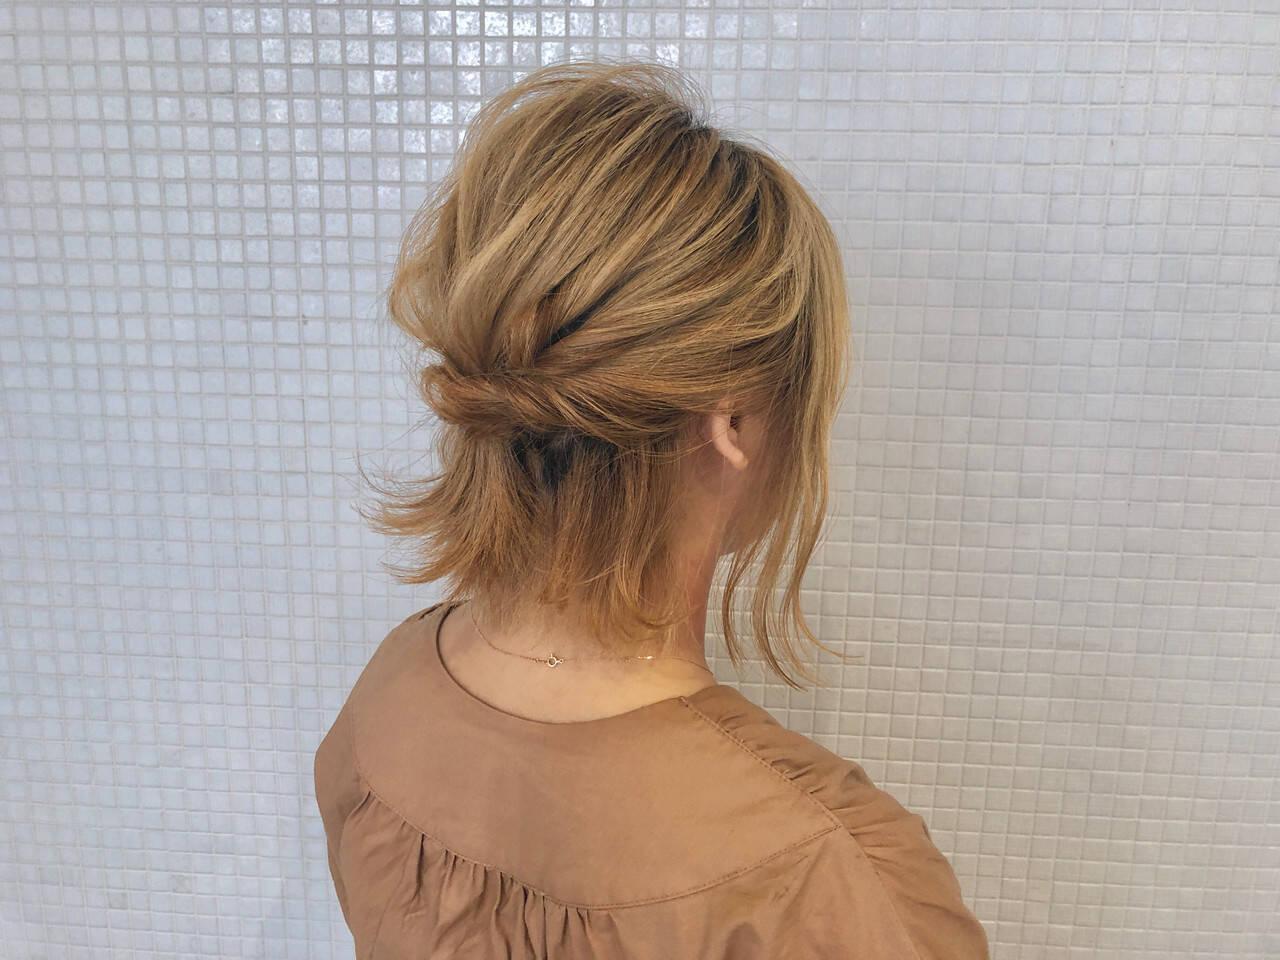 ハーフアップ 浴衣アレンジ 浴衣ヘア 簡単ヘアアレンジヘアスタイルや髪型の写真・画像